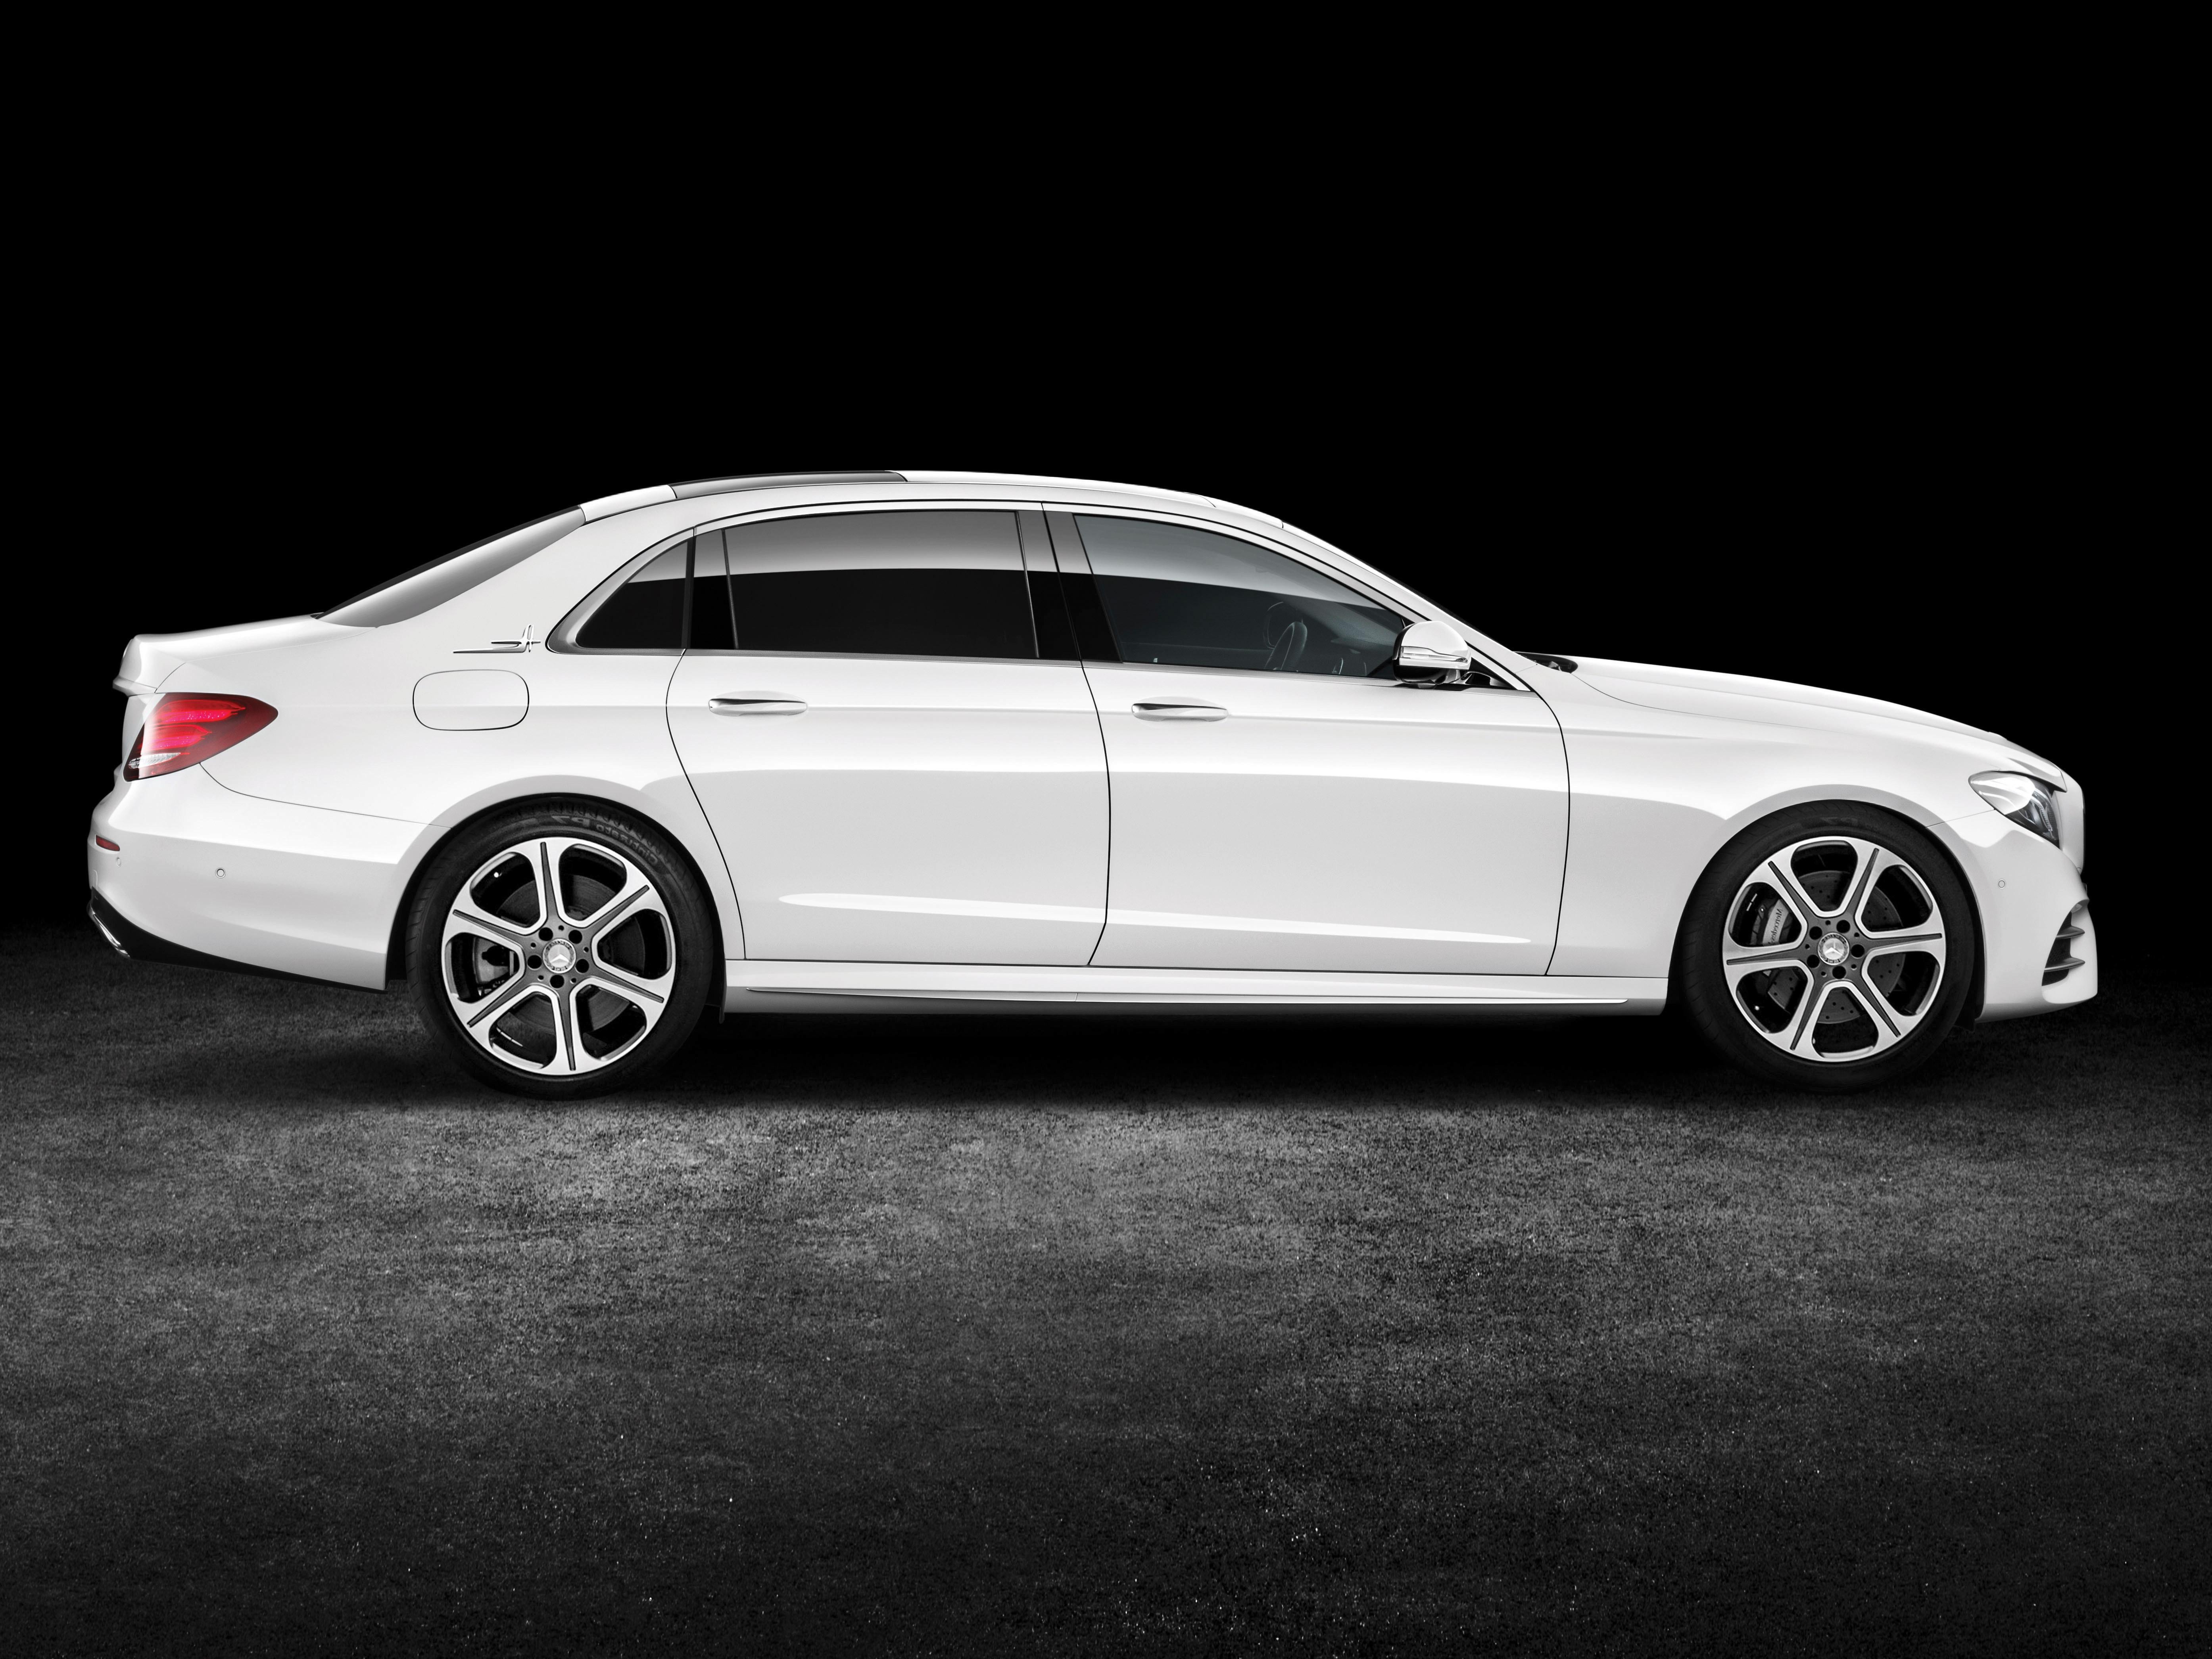 Car Of The Week 2 September Mercedes Benz E200 2016